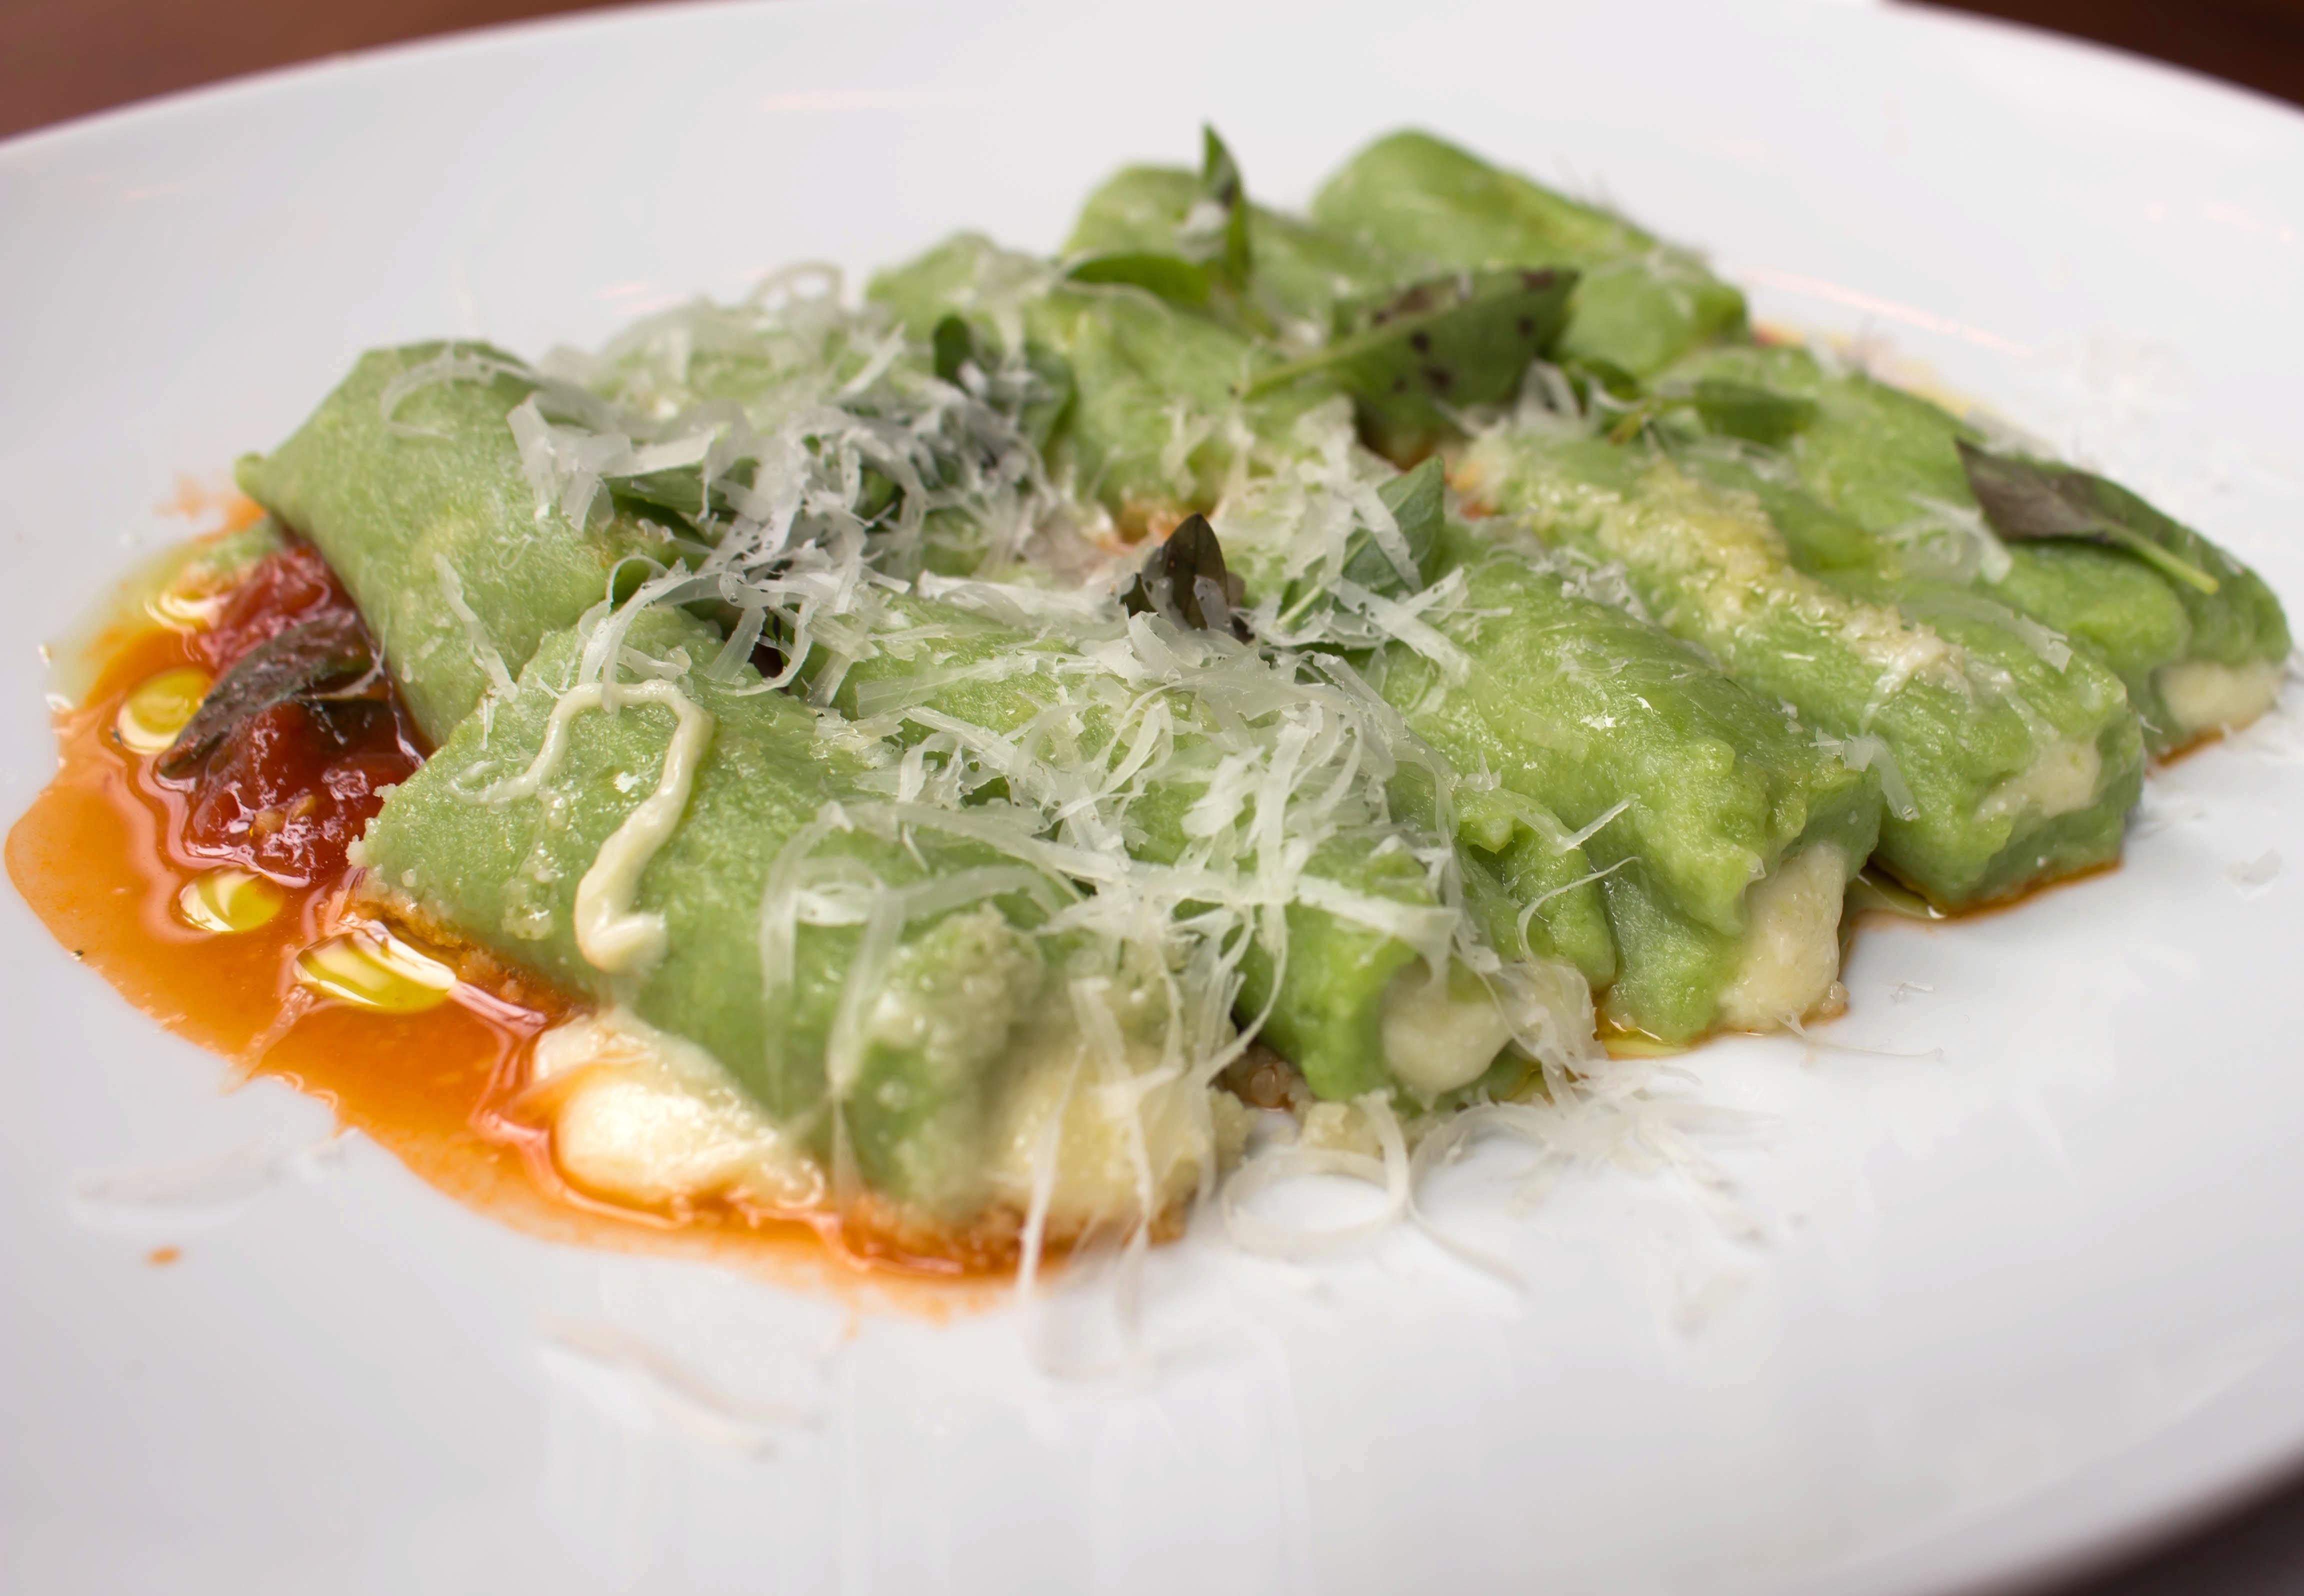 Nhoque de espinafre recheado com mozzarella ao sugo (R$ 47) do Modern Mamma Osteria, casa dos chefs Paulo Barros e Salvatore Loi